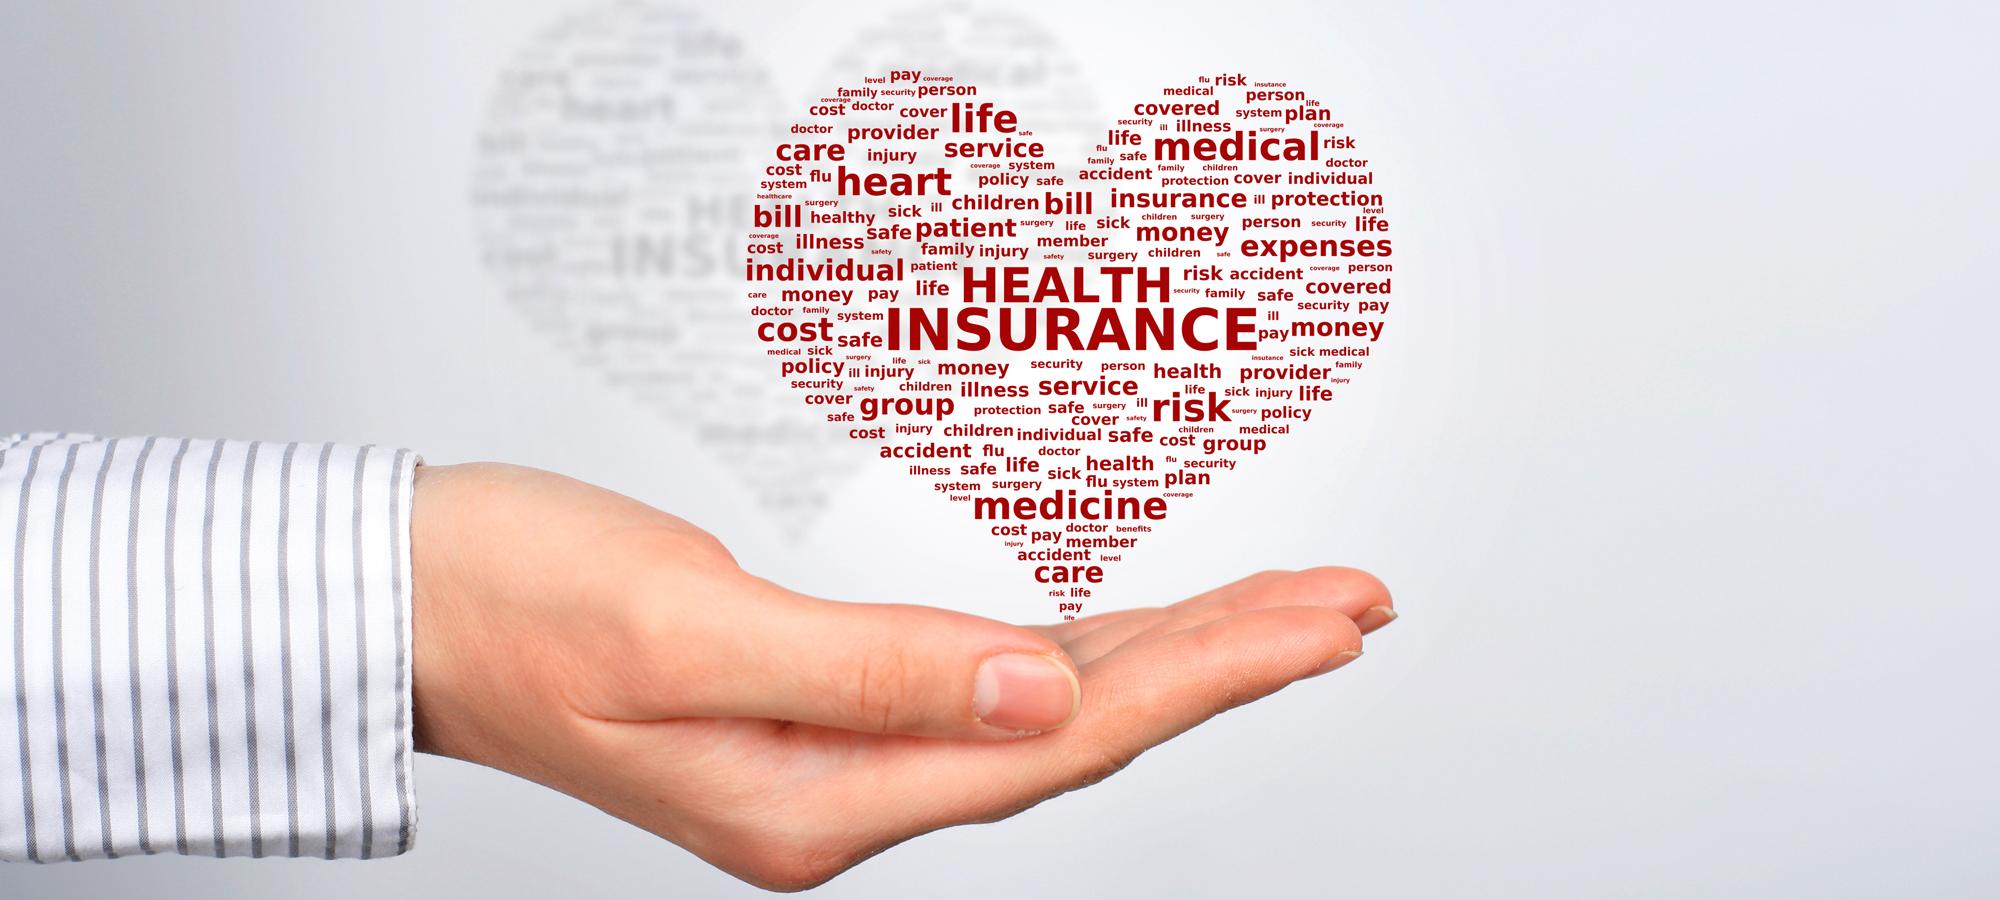 Asuransi Kesehatan Cashless As Charge Terbaik 2018 - Allianz